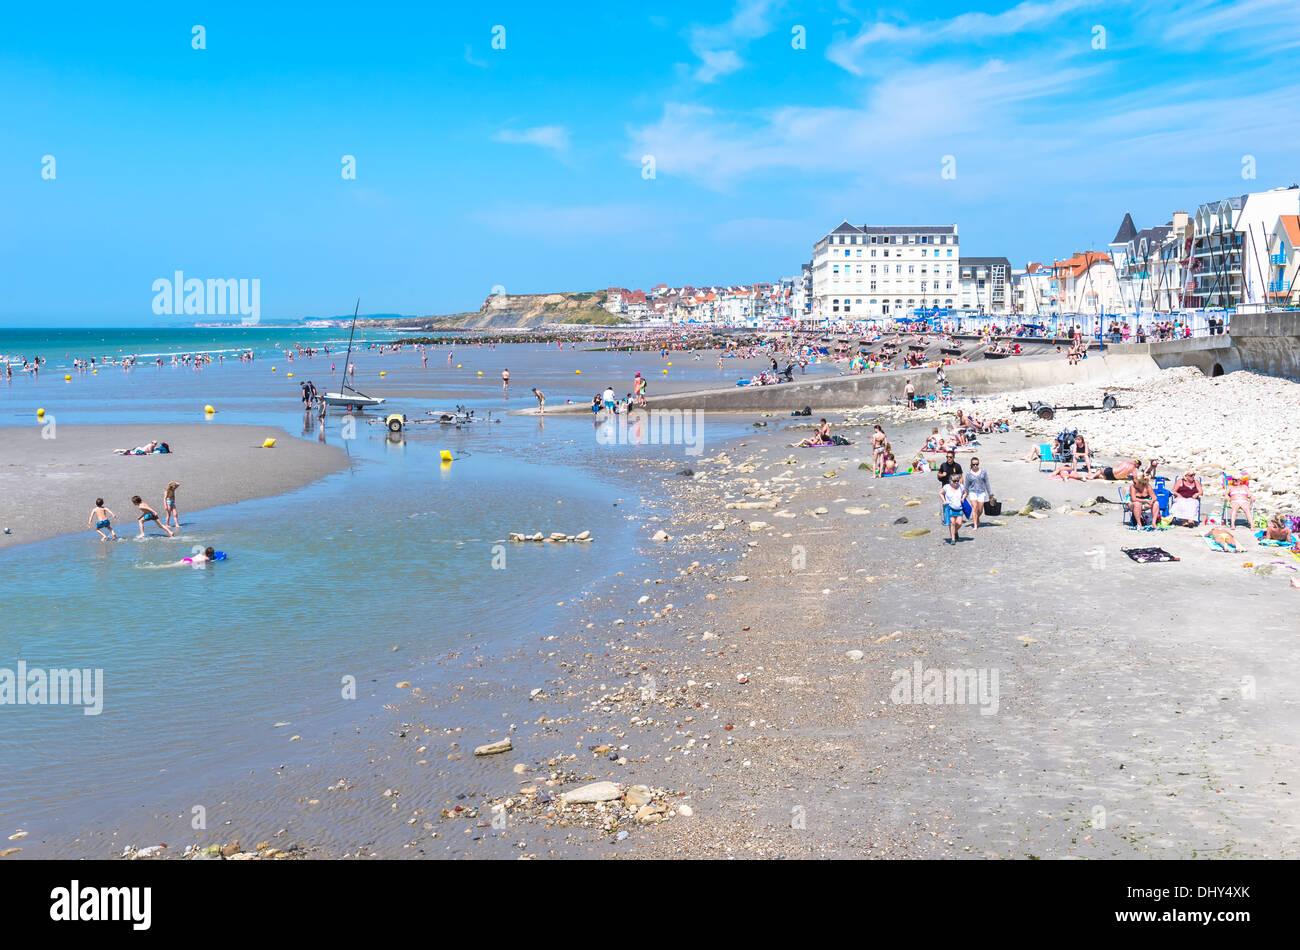 Wimereux beach, Côte d'Opale, Region Nord-Pas de Calais, France - Stock Image